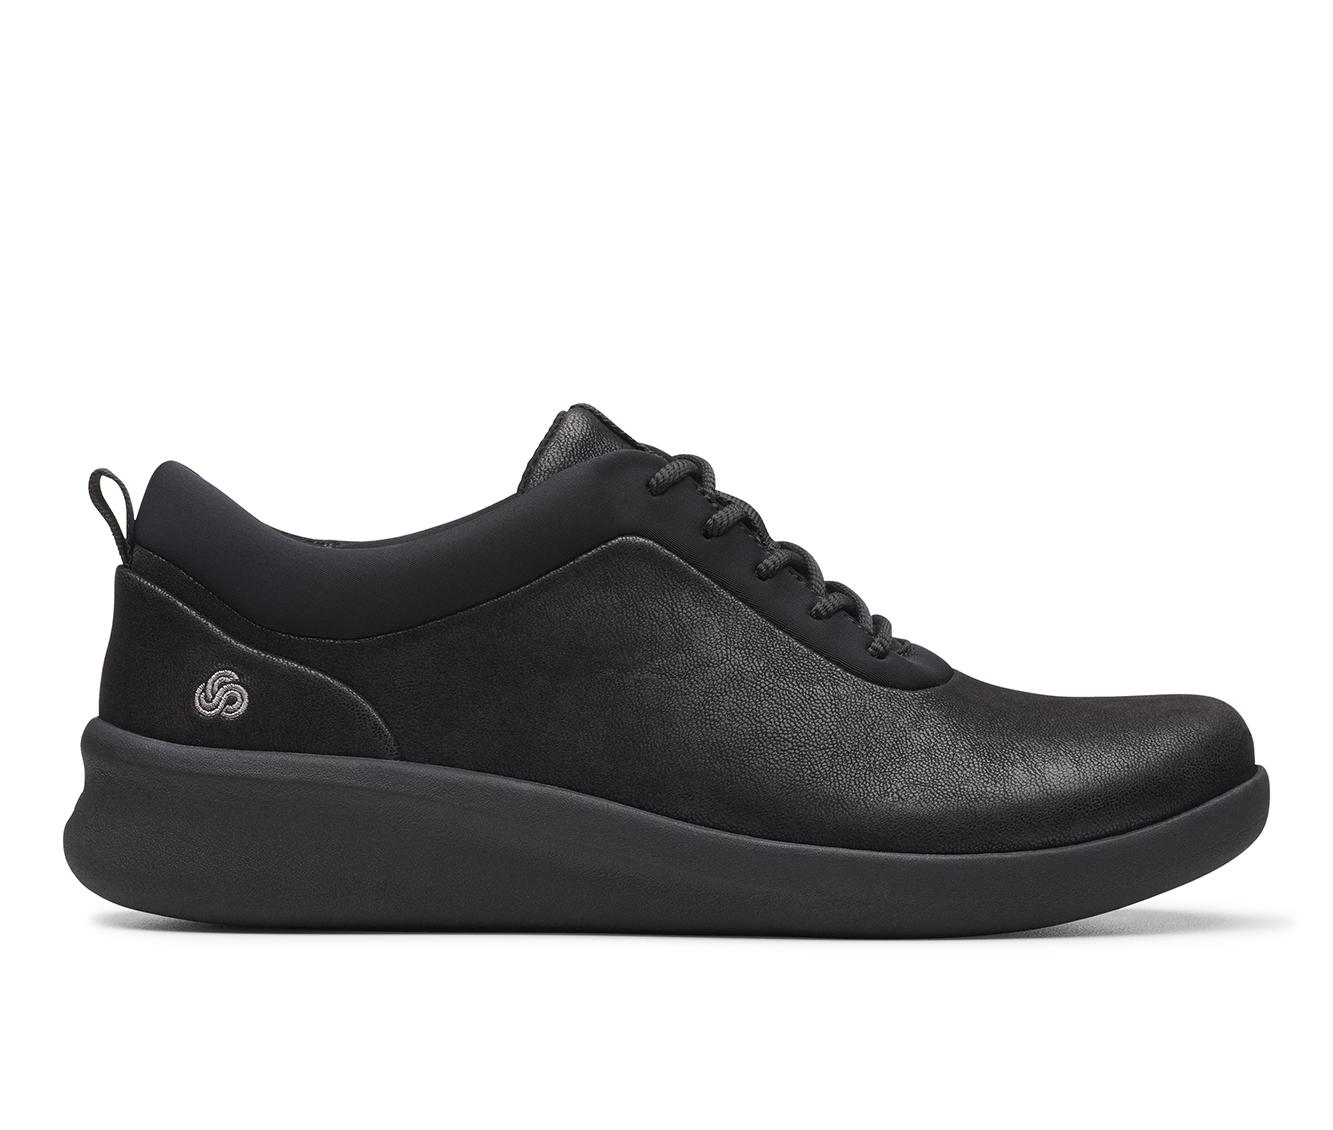 Clarks Sillian 2.0 Pace Women's Shoe (Black Canvas)